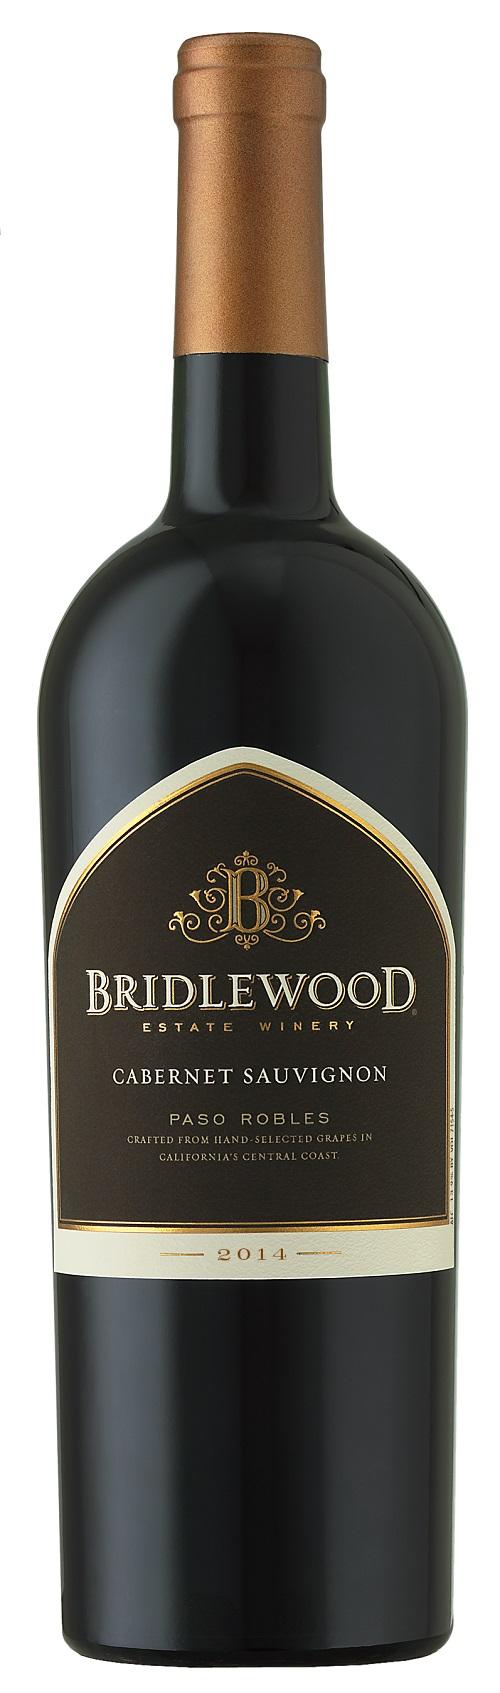 2014 Bridlewood Cabernet Sauvignon Paso Robles